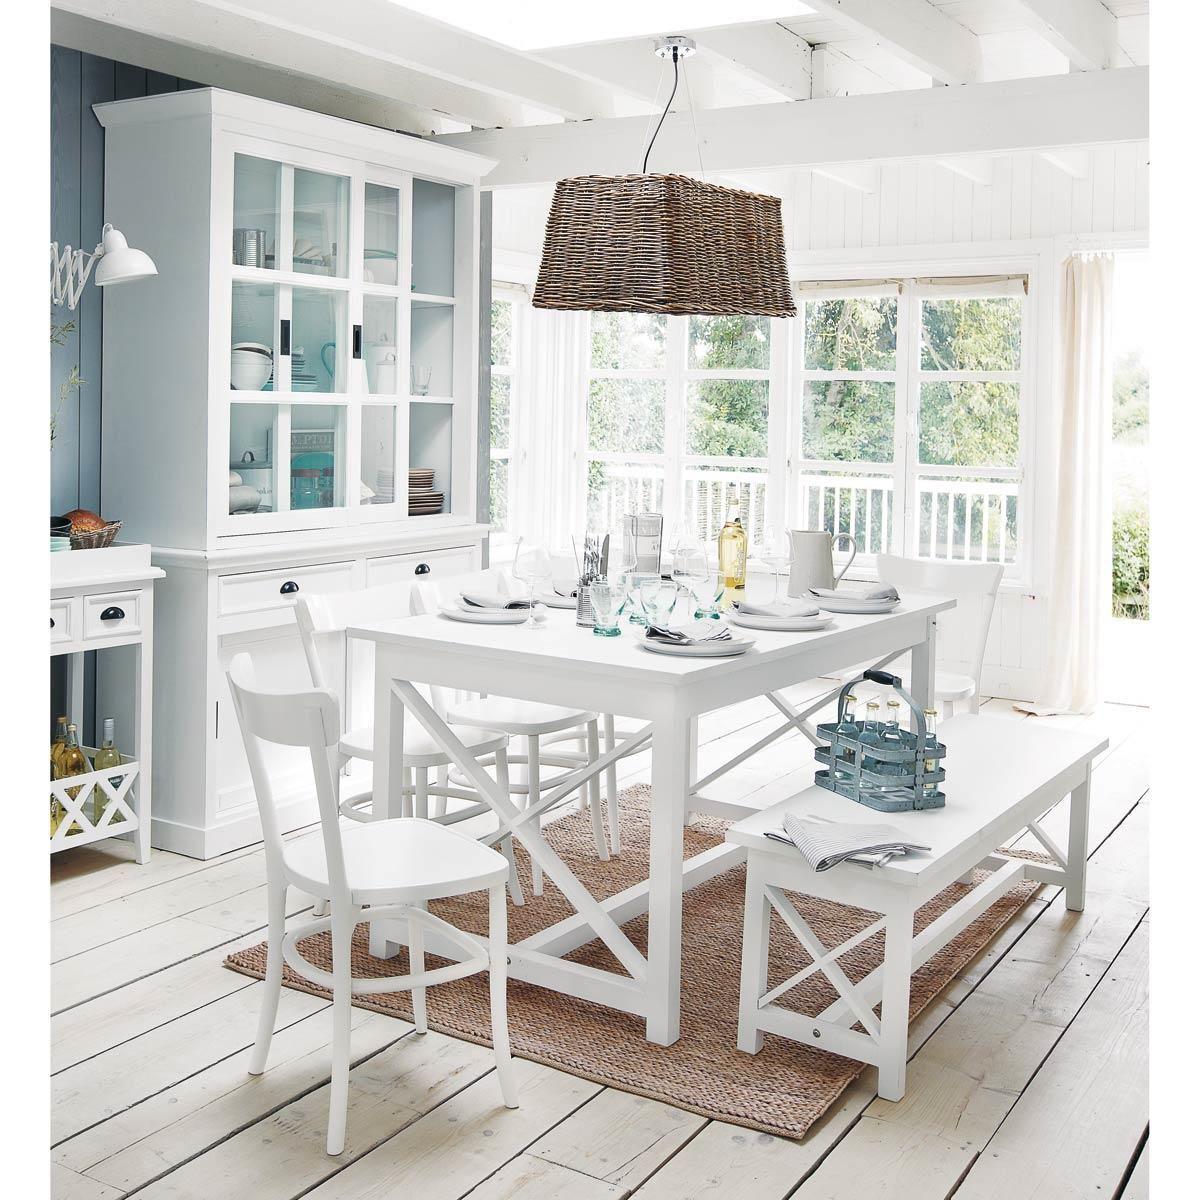 251 90 hauteur 78 longueur 1m60 et profondeur 85 existe aussi en gris table rectangulaire. Black Bedroom Furniture Sets. Home Design Ideas